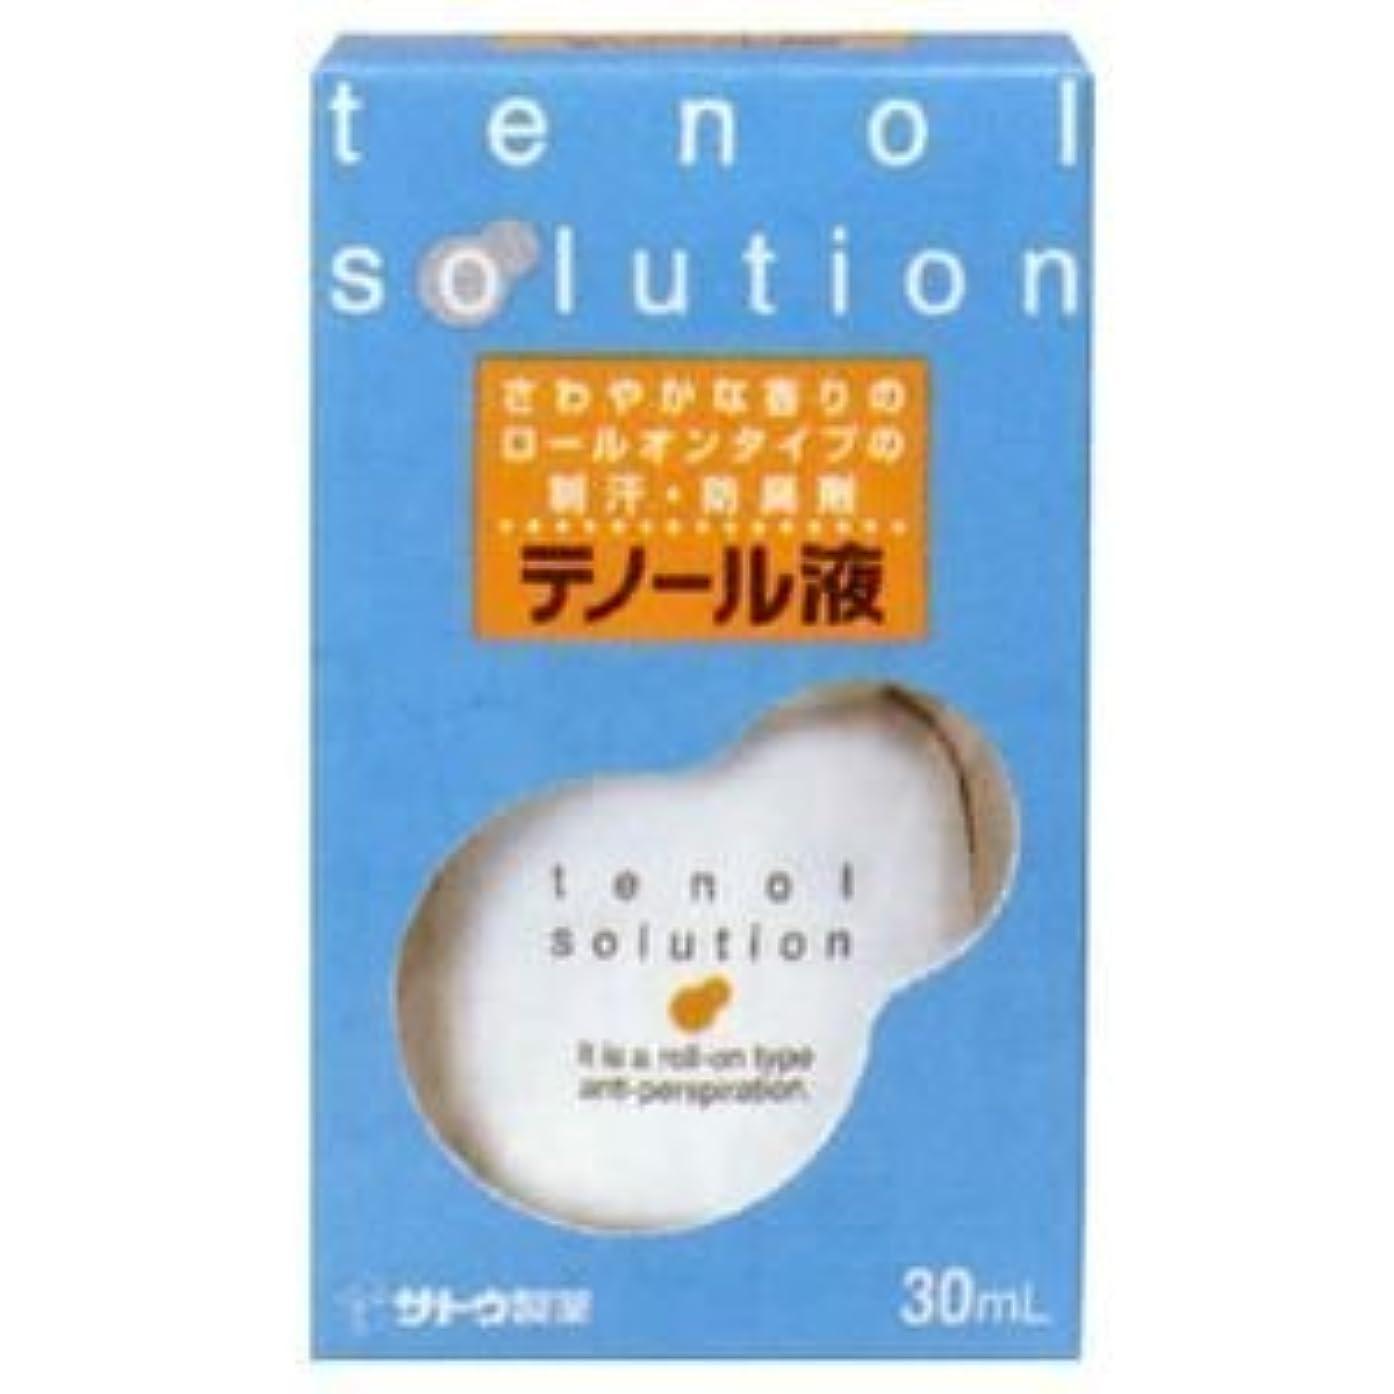 交差点メタン暖かさ佐藤製薬 テノール液(30ml)×2